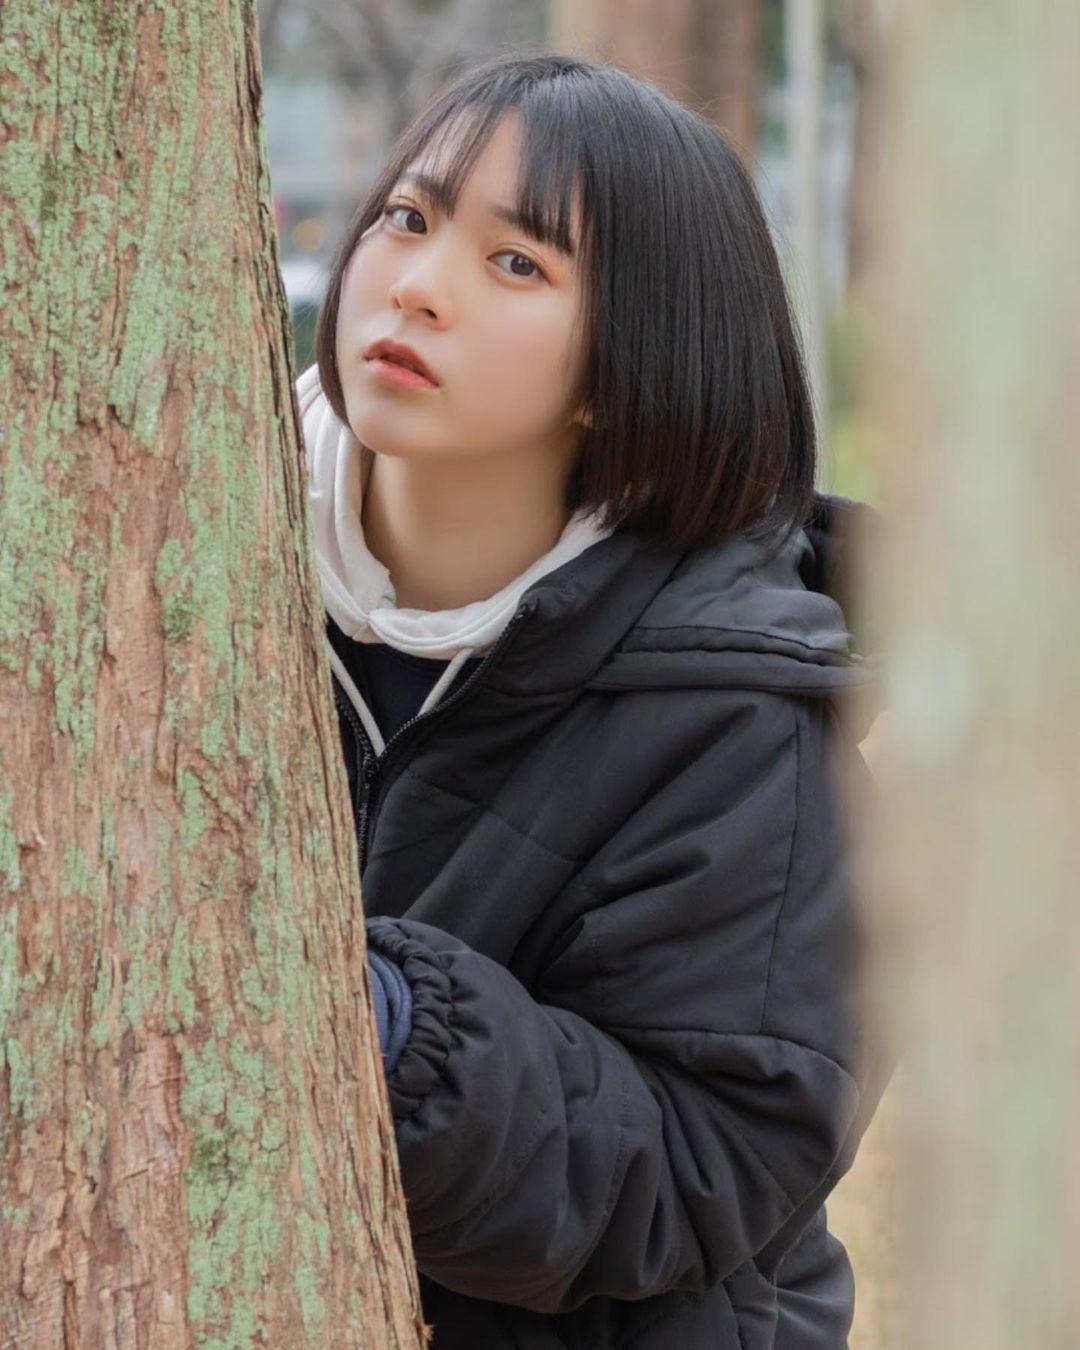 17岁仙女高中生瀬戸りつ绝美长相激似IU 全身散发空灵气质美到有点不真实 养眼图片 第27张